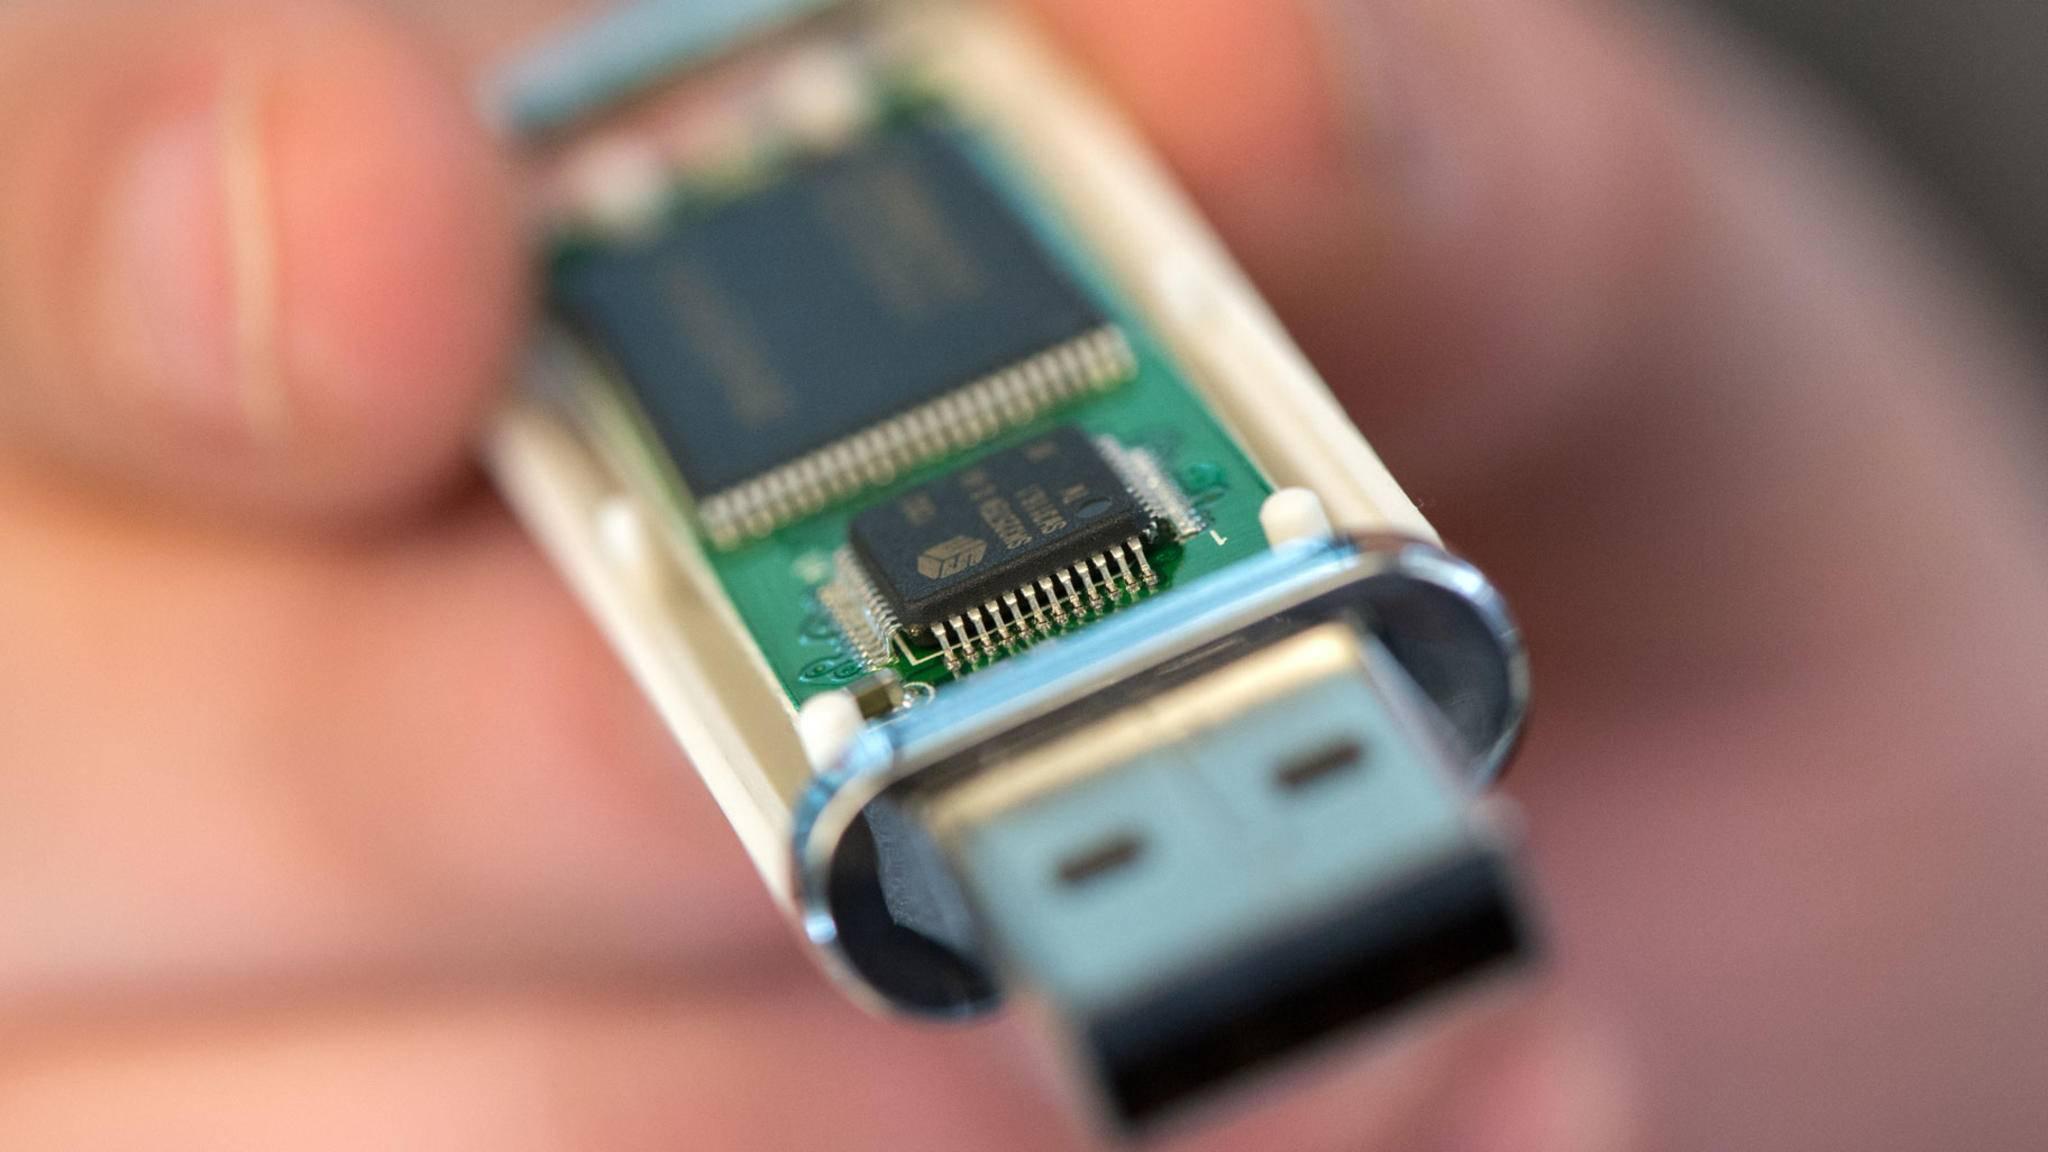 Ein USB-Stick lässt sich mithilfe eines Kabels an ein Android-Smartphone anschließen.